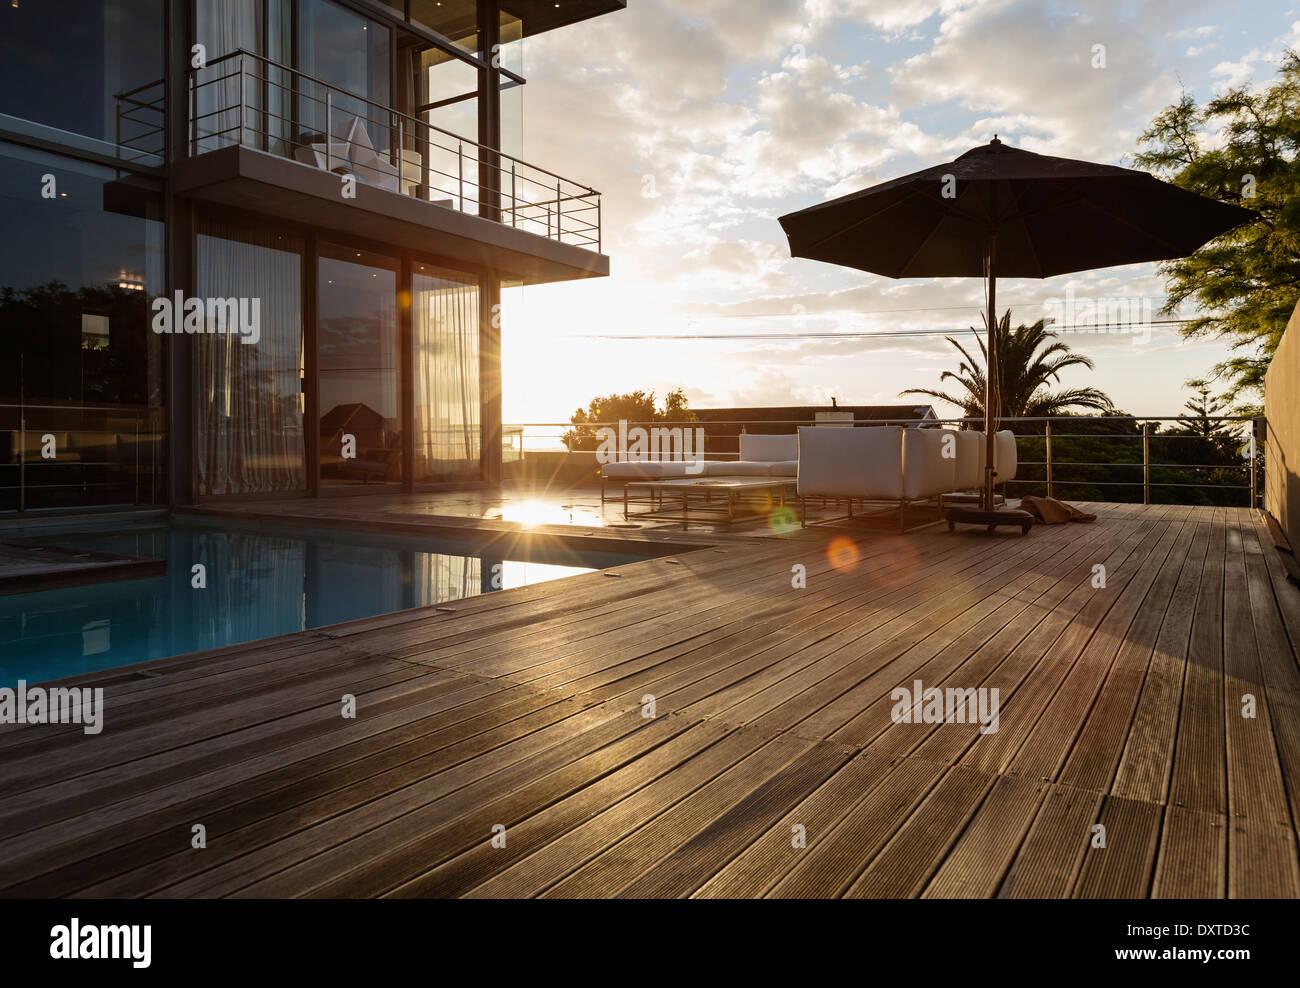 Soleil derrière maison de luxe avec piscine Photo Stock